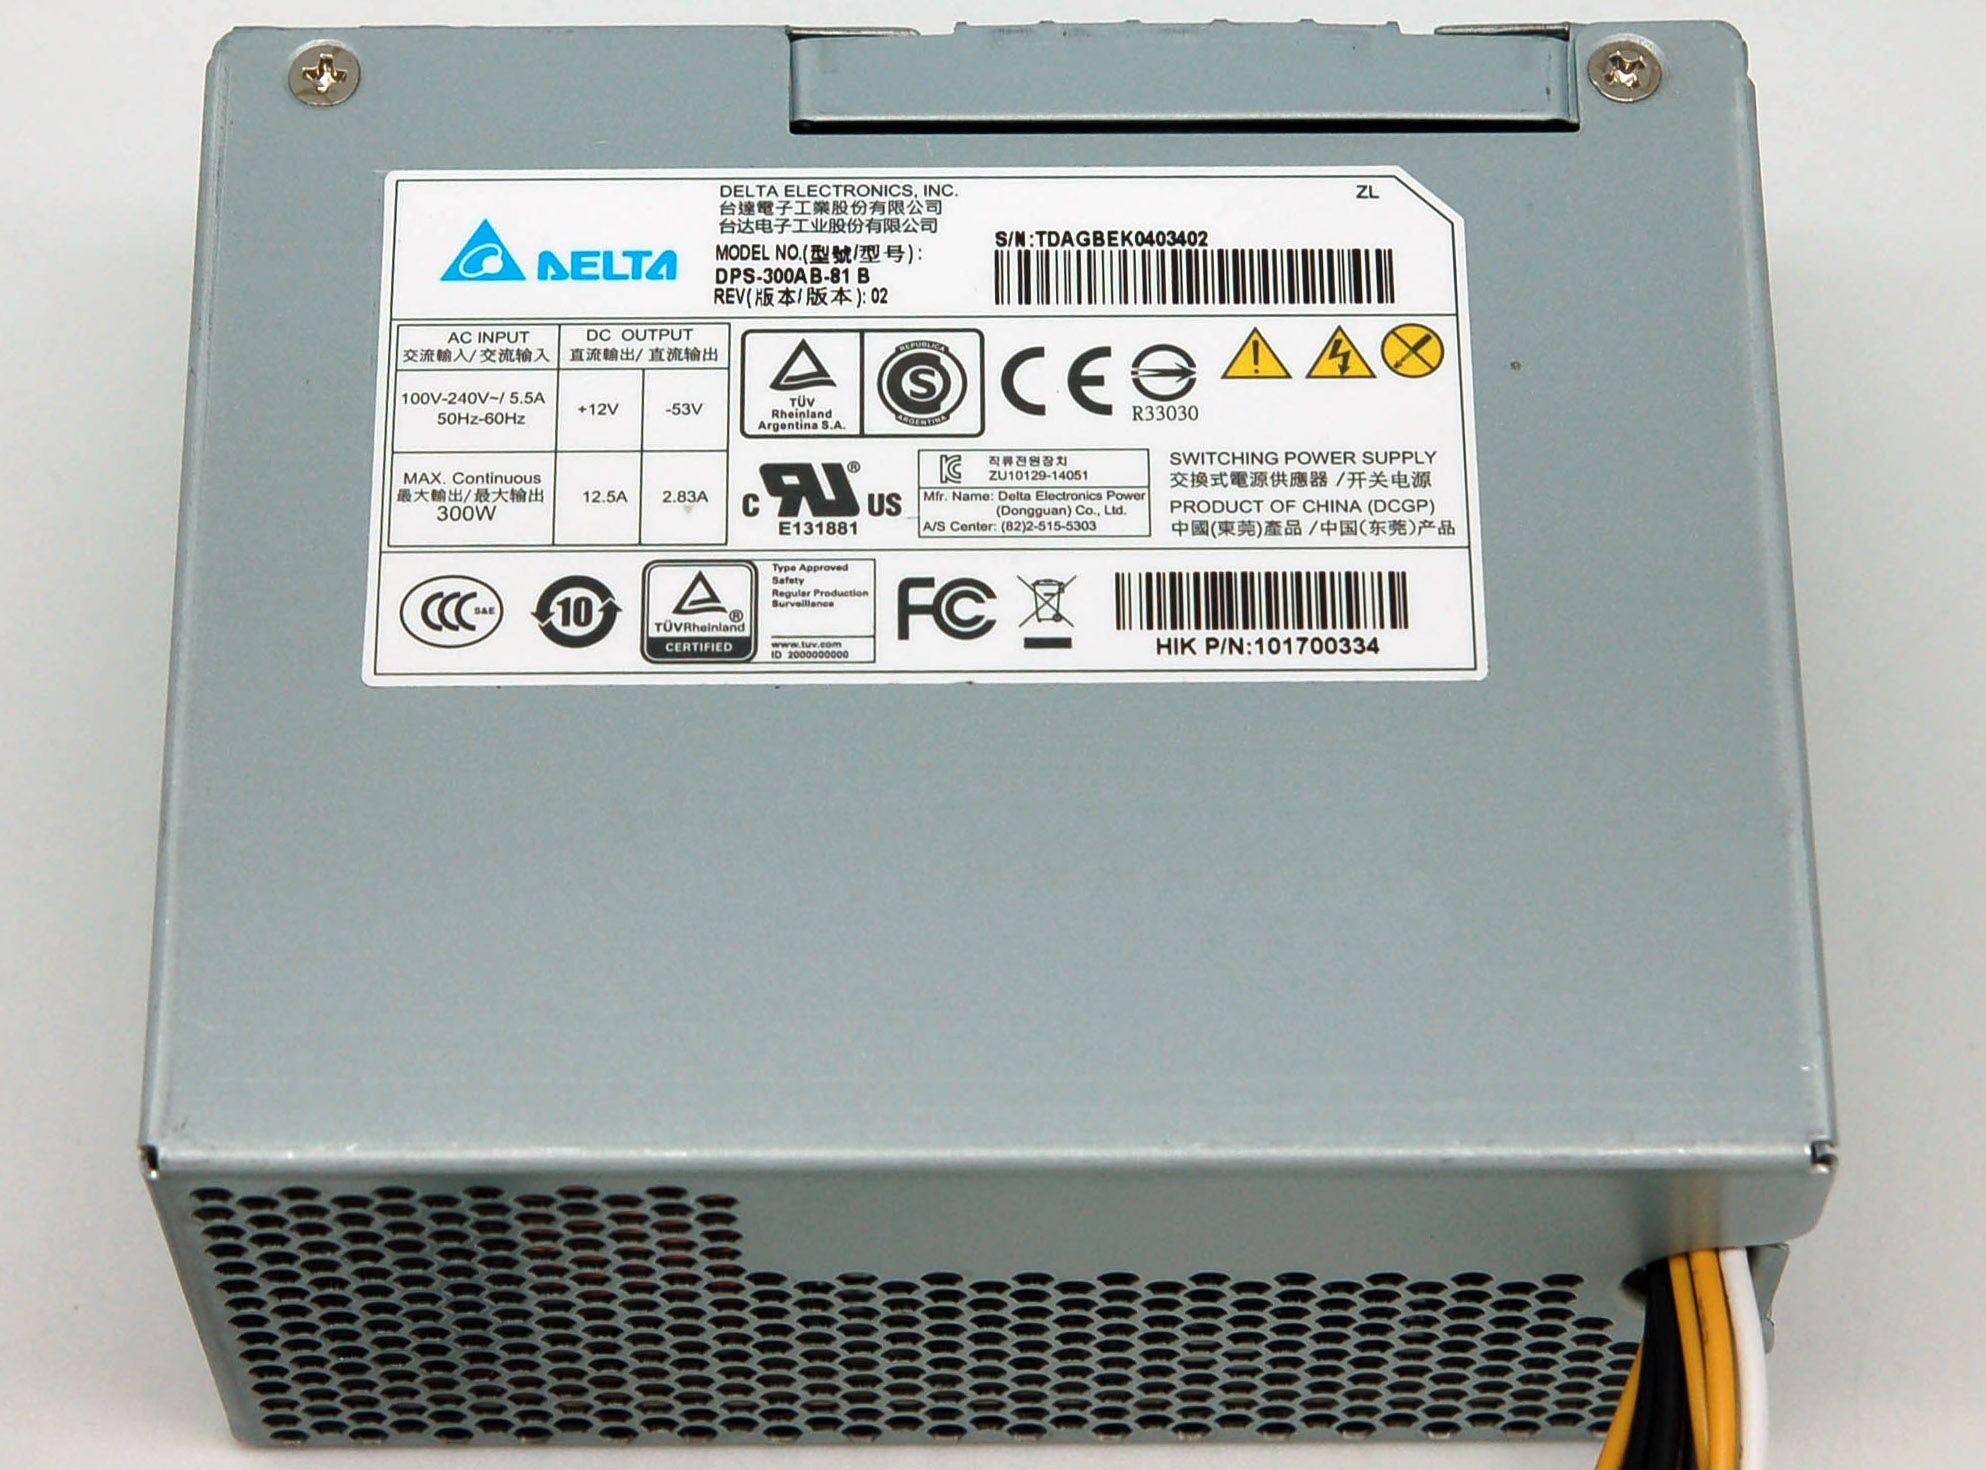 DPS-300AB-81 B 300W إمدادات الطاقة DPS-300AB-81B 12.5 * 6.4 * 10CM تتلاءم مع FSP350-20GSV العمل